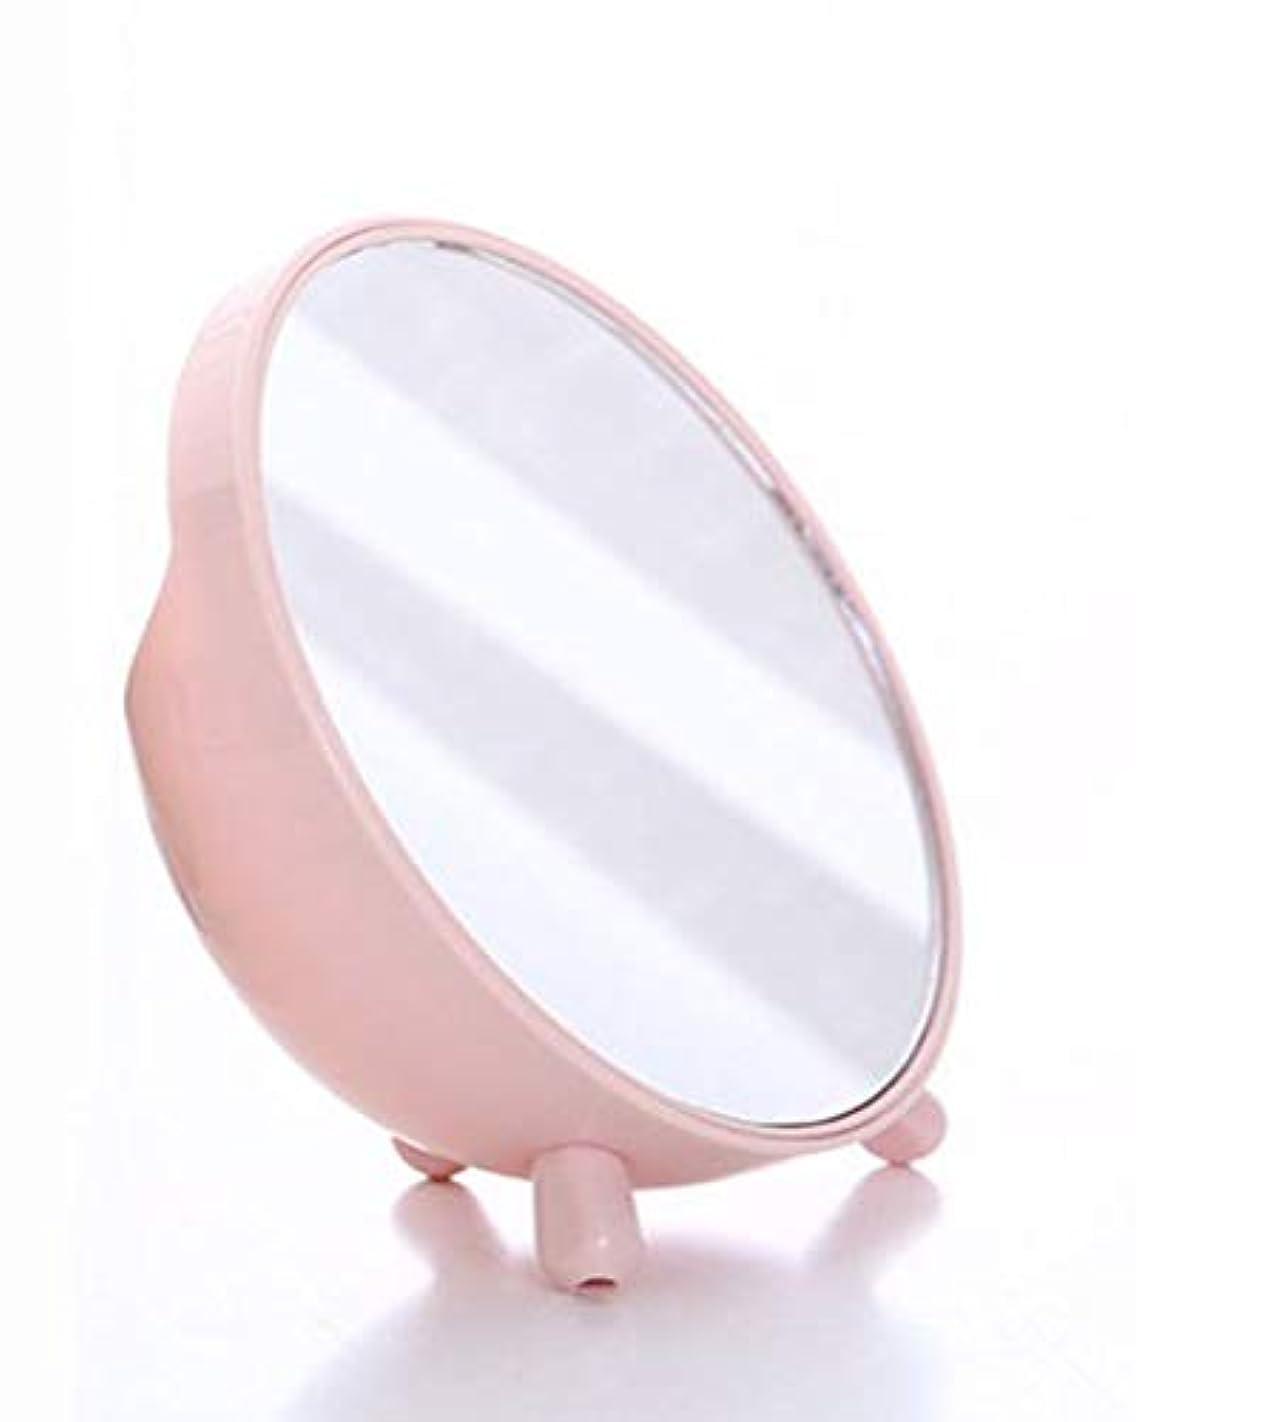 くしゃくしゃ申し込む暗殺する化粧鏡、収納ボックス化粧ギフトとピンクのシンプルなラウンドテーブル化粧鏡